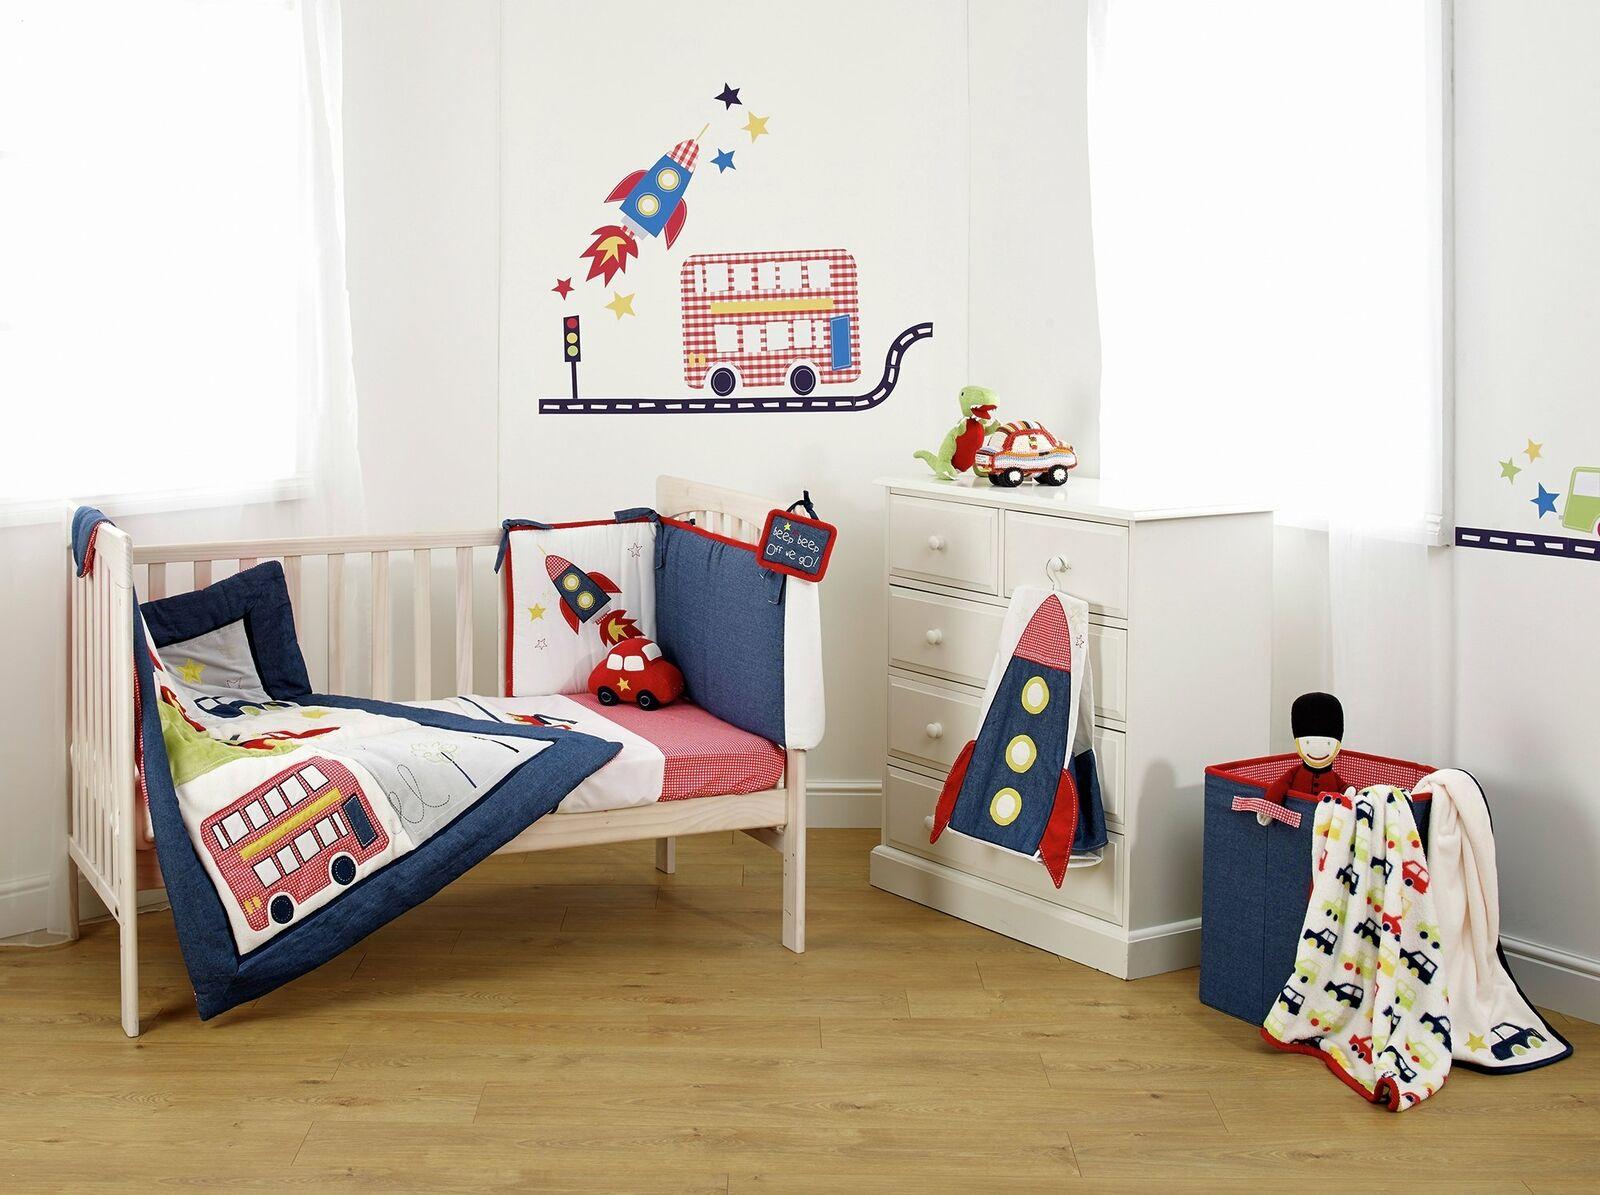 Suncrest Fetch the Engine Cot Bed Nursery Bedding Set - £17.99 delivered @ Argos / ebay